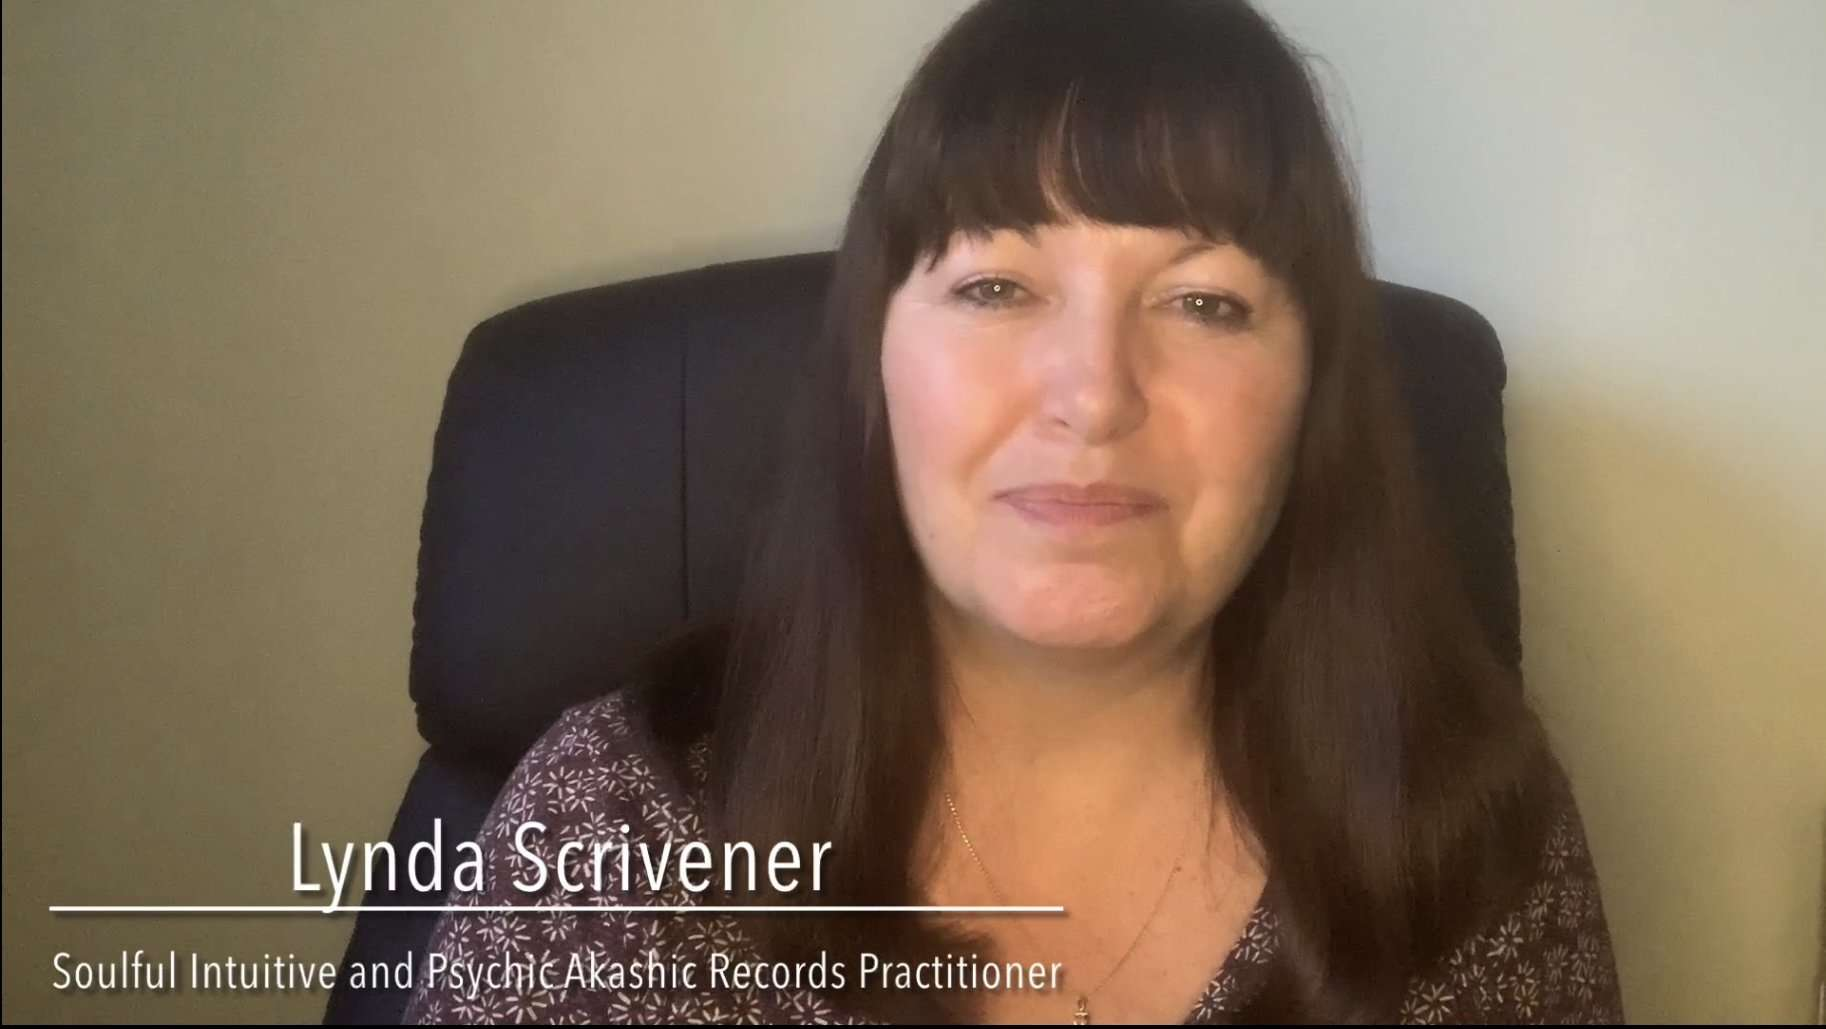 LyndaScrivener.com